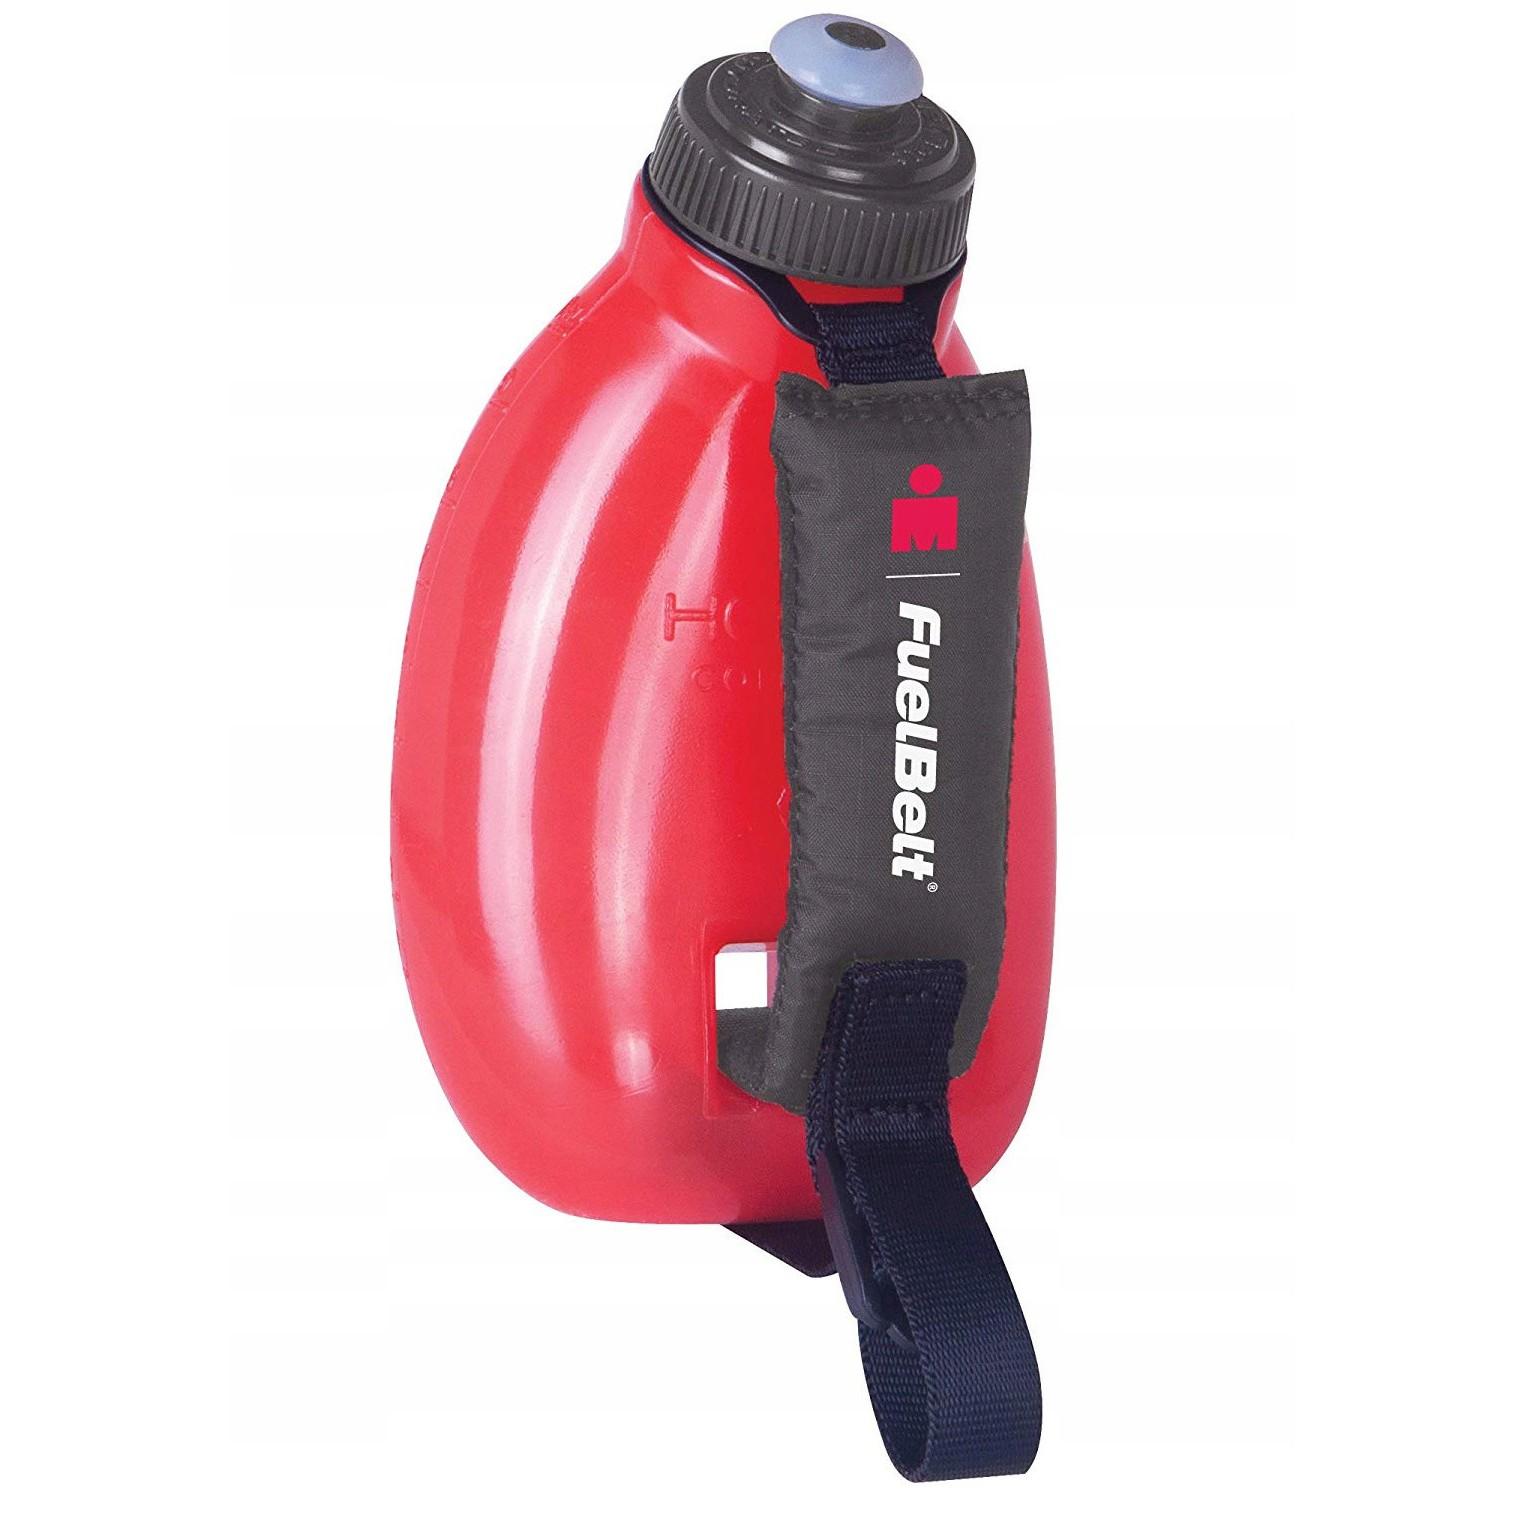 Praktická fľaša na vodu pre bežcov do ruky 300ml megamix.sk